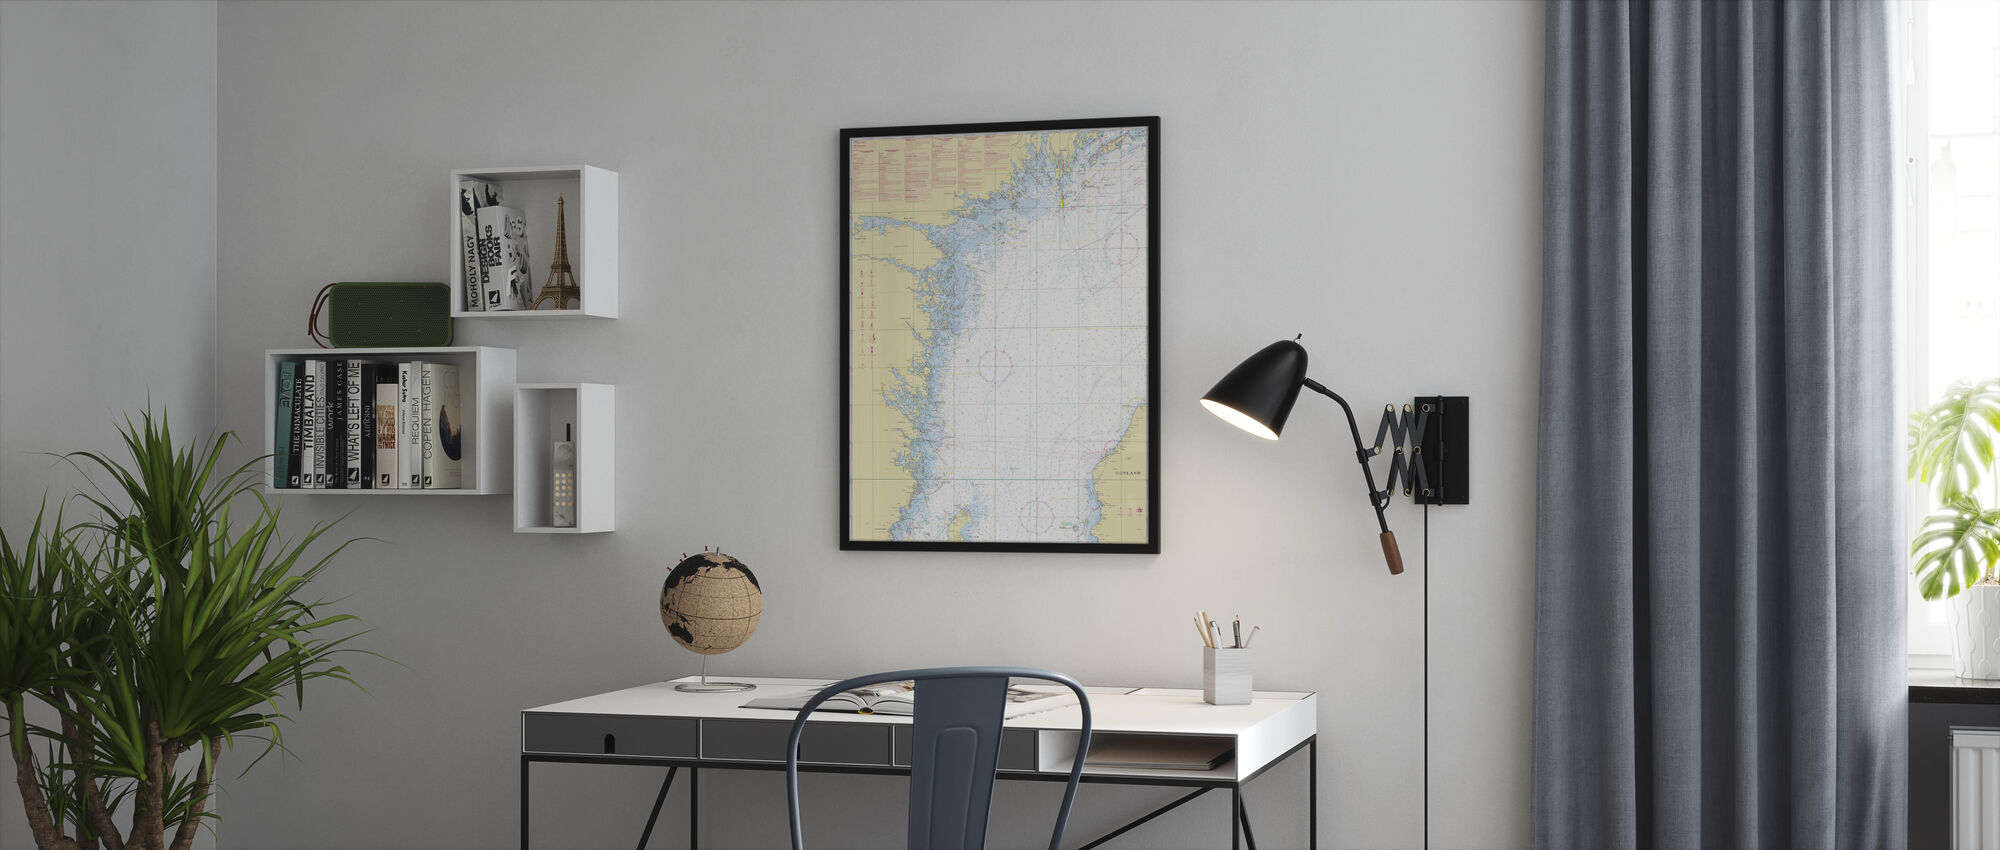 Zeekaart 72 - Oland - Landsort - Ingelijste print - Kantoor